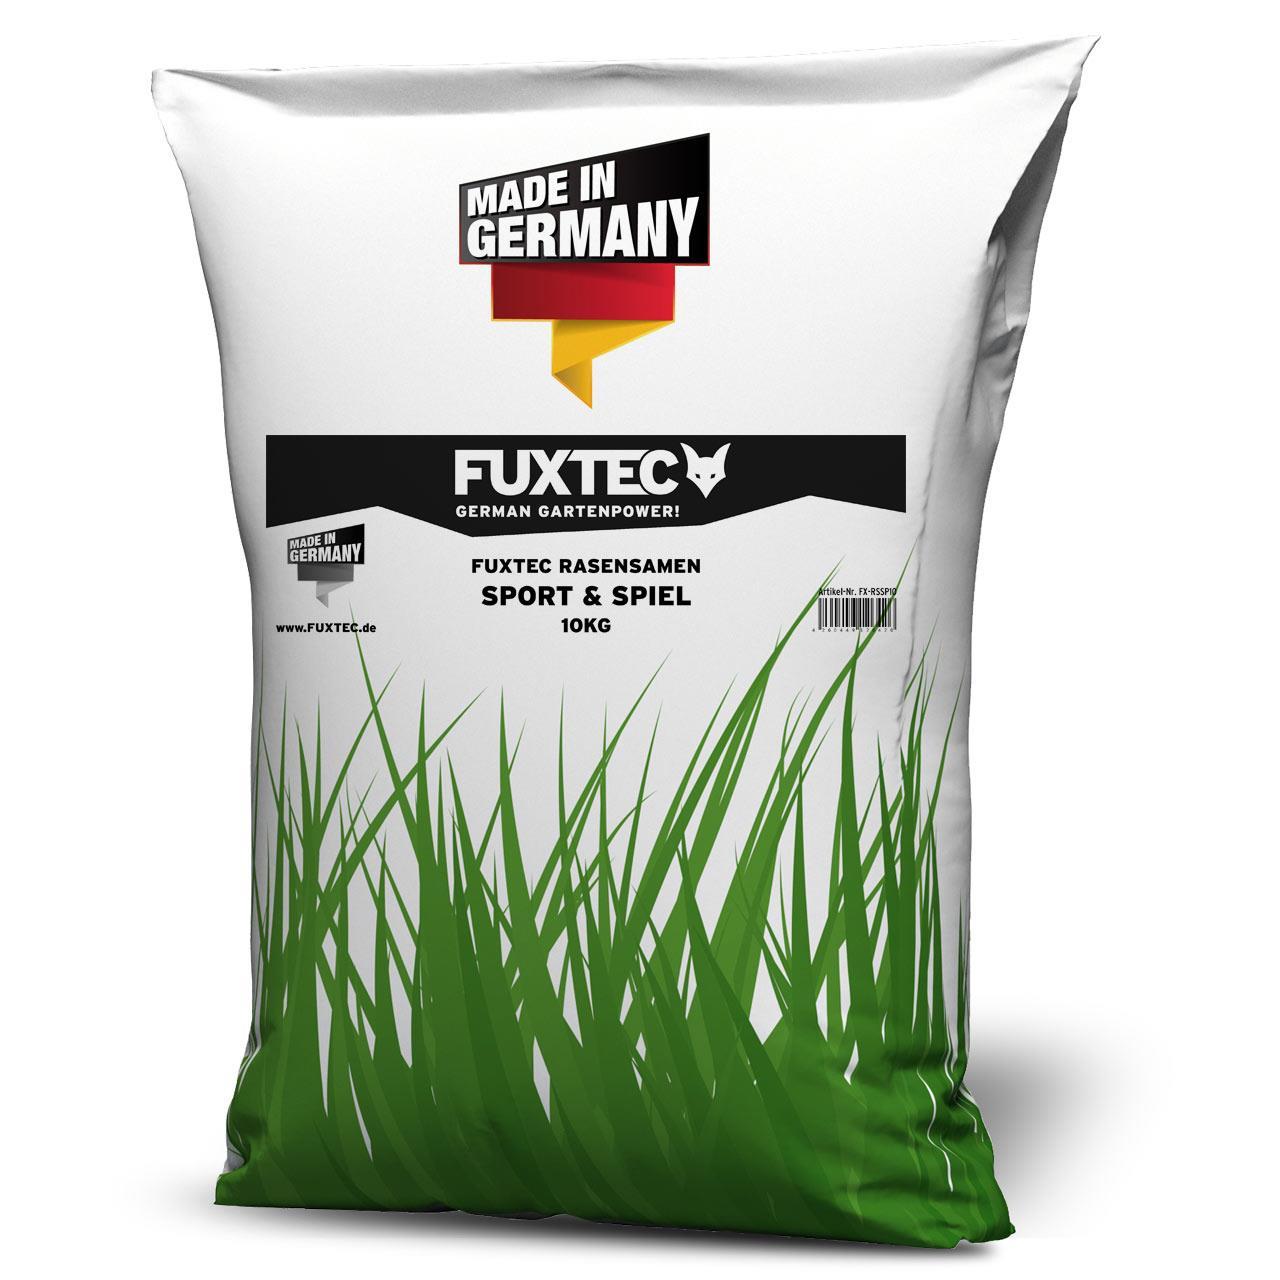 FUXTEC Rasensamen Sport & Spiel 10 kg